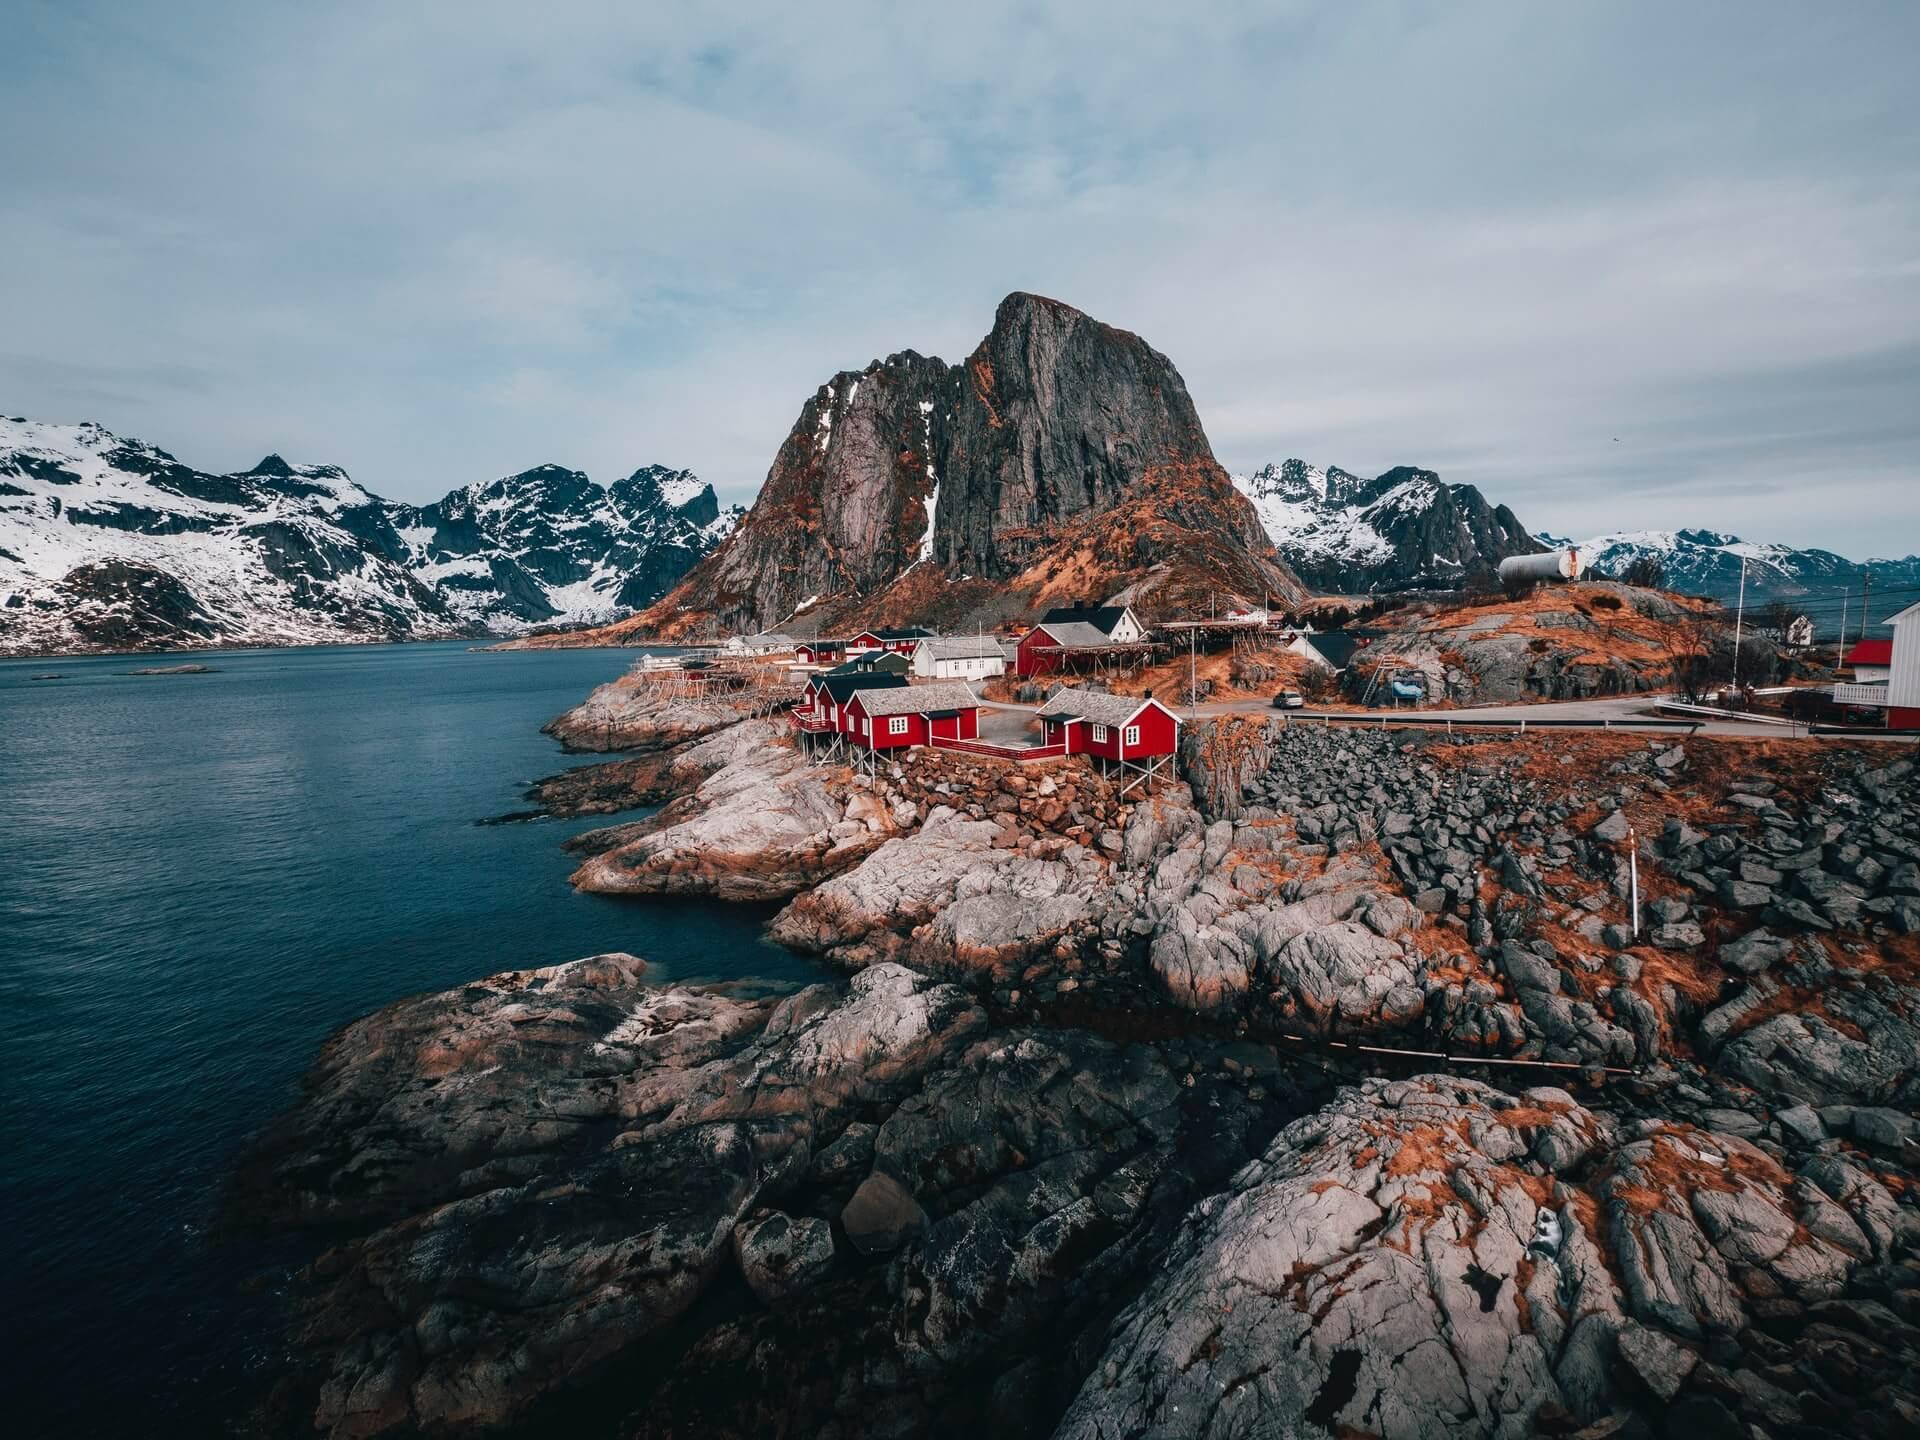 Norway - Lofoten Islands